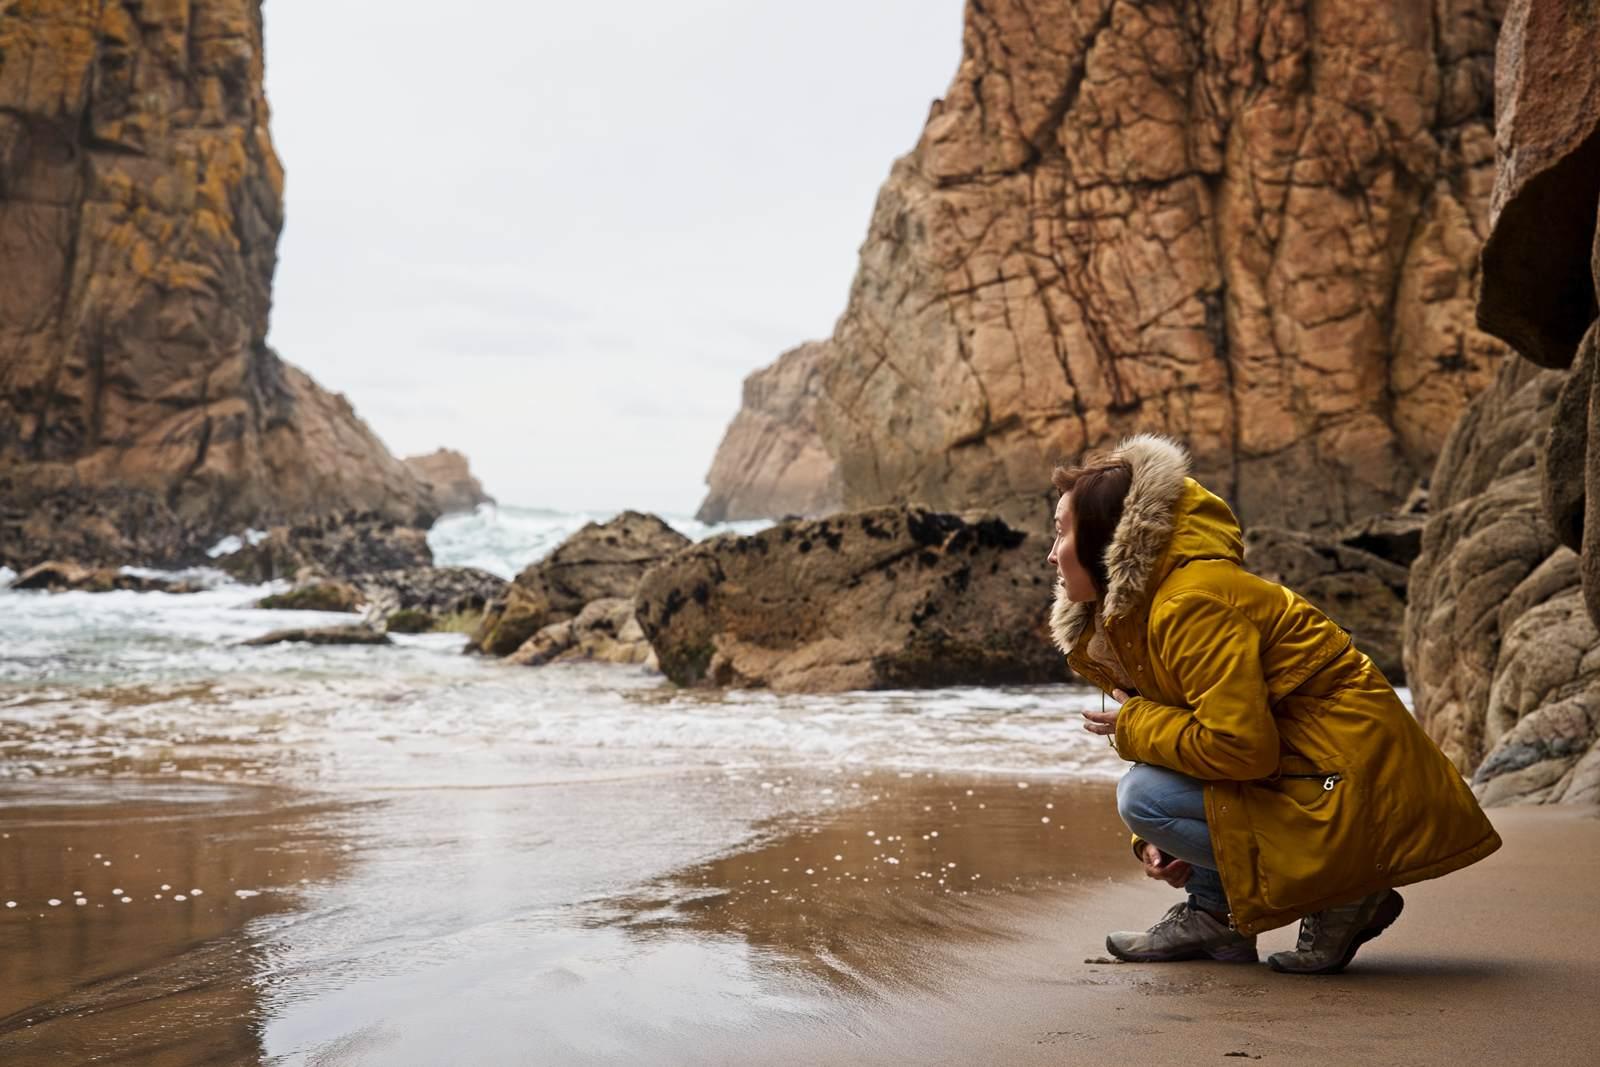 portugalia zima pogoda w portugalii w lutym poza sezonem ciekawe miejsca w portugalii